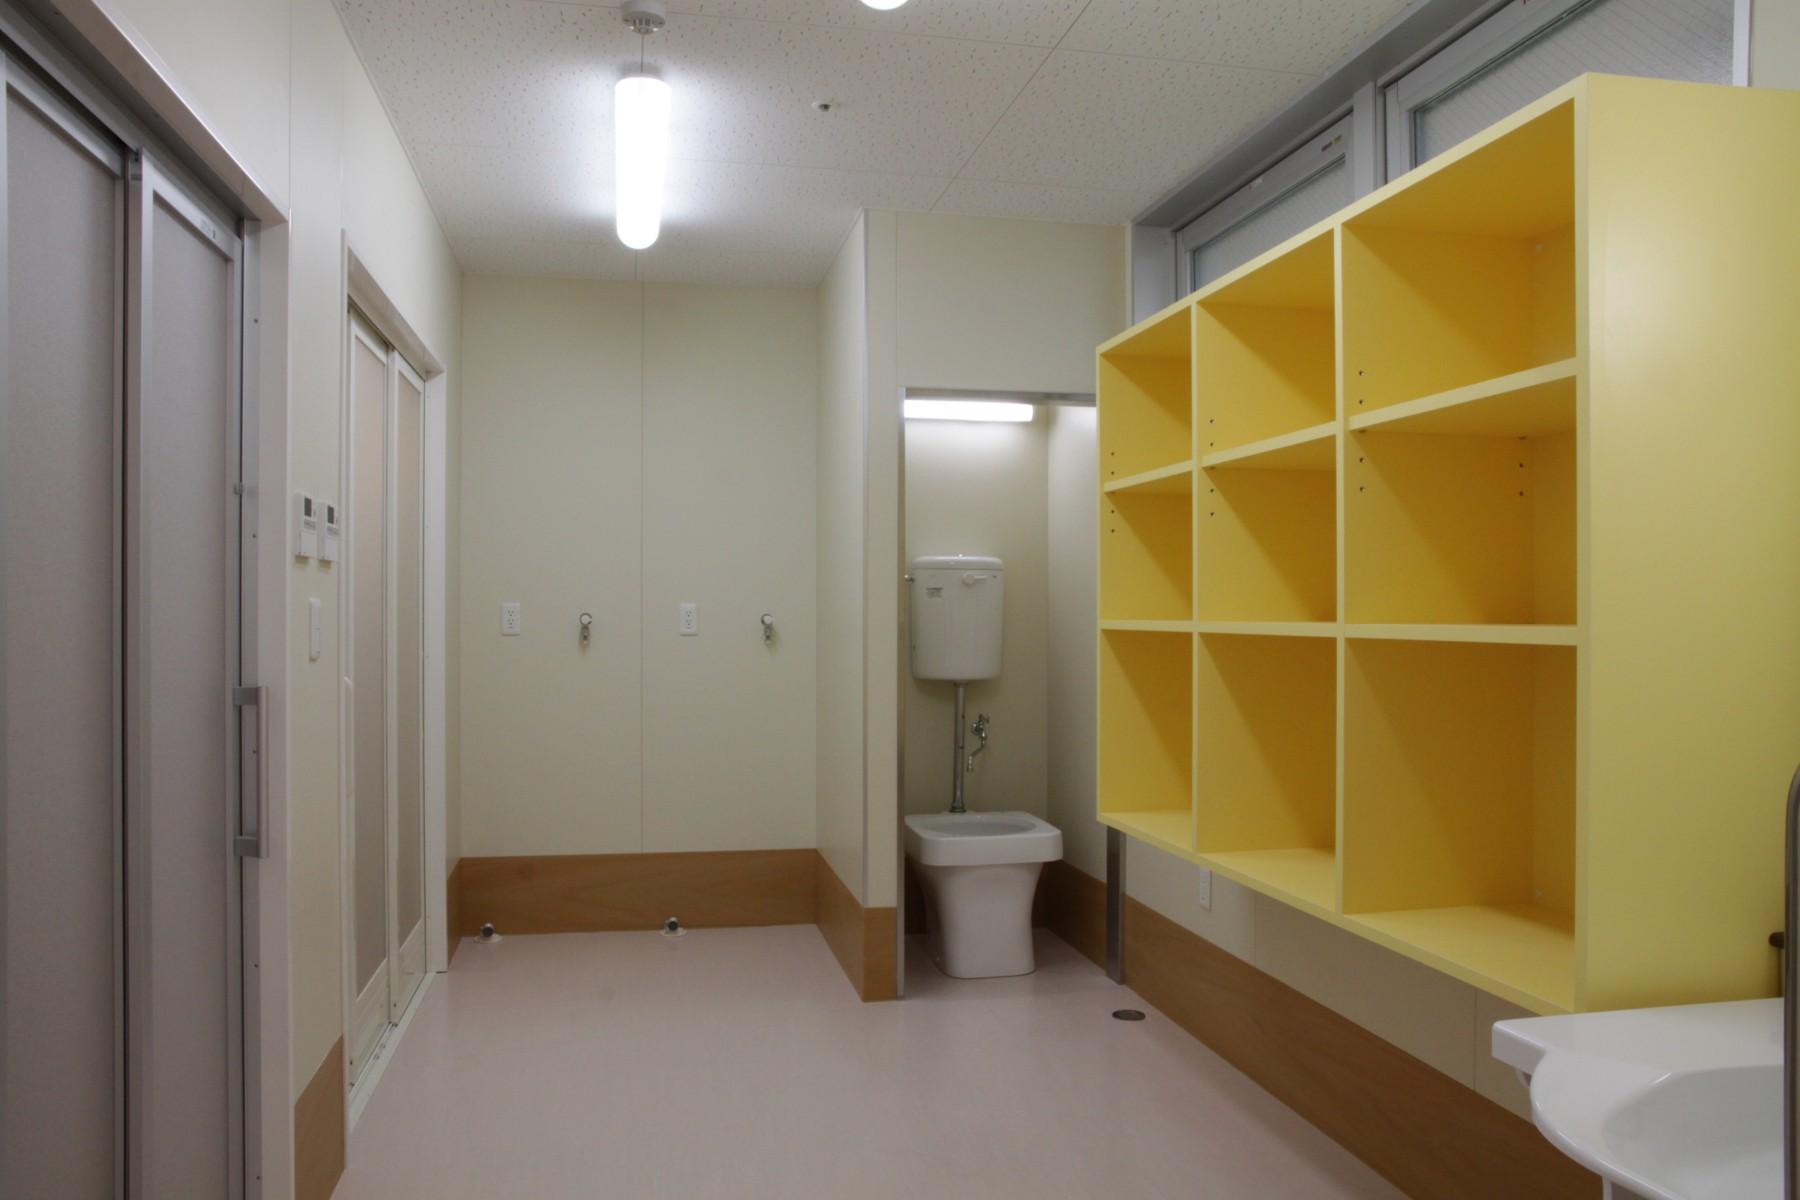 037-2F-洗濯室・脱衣室